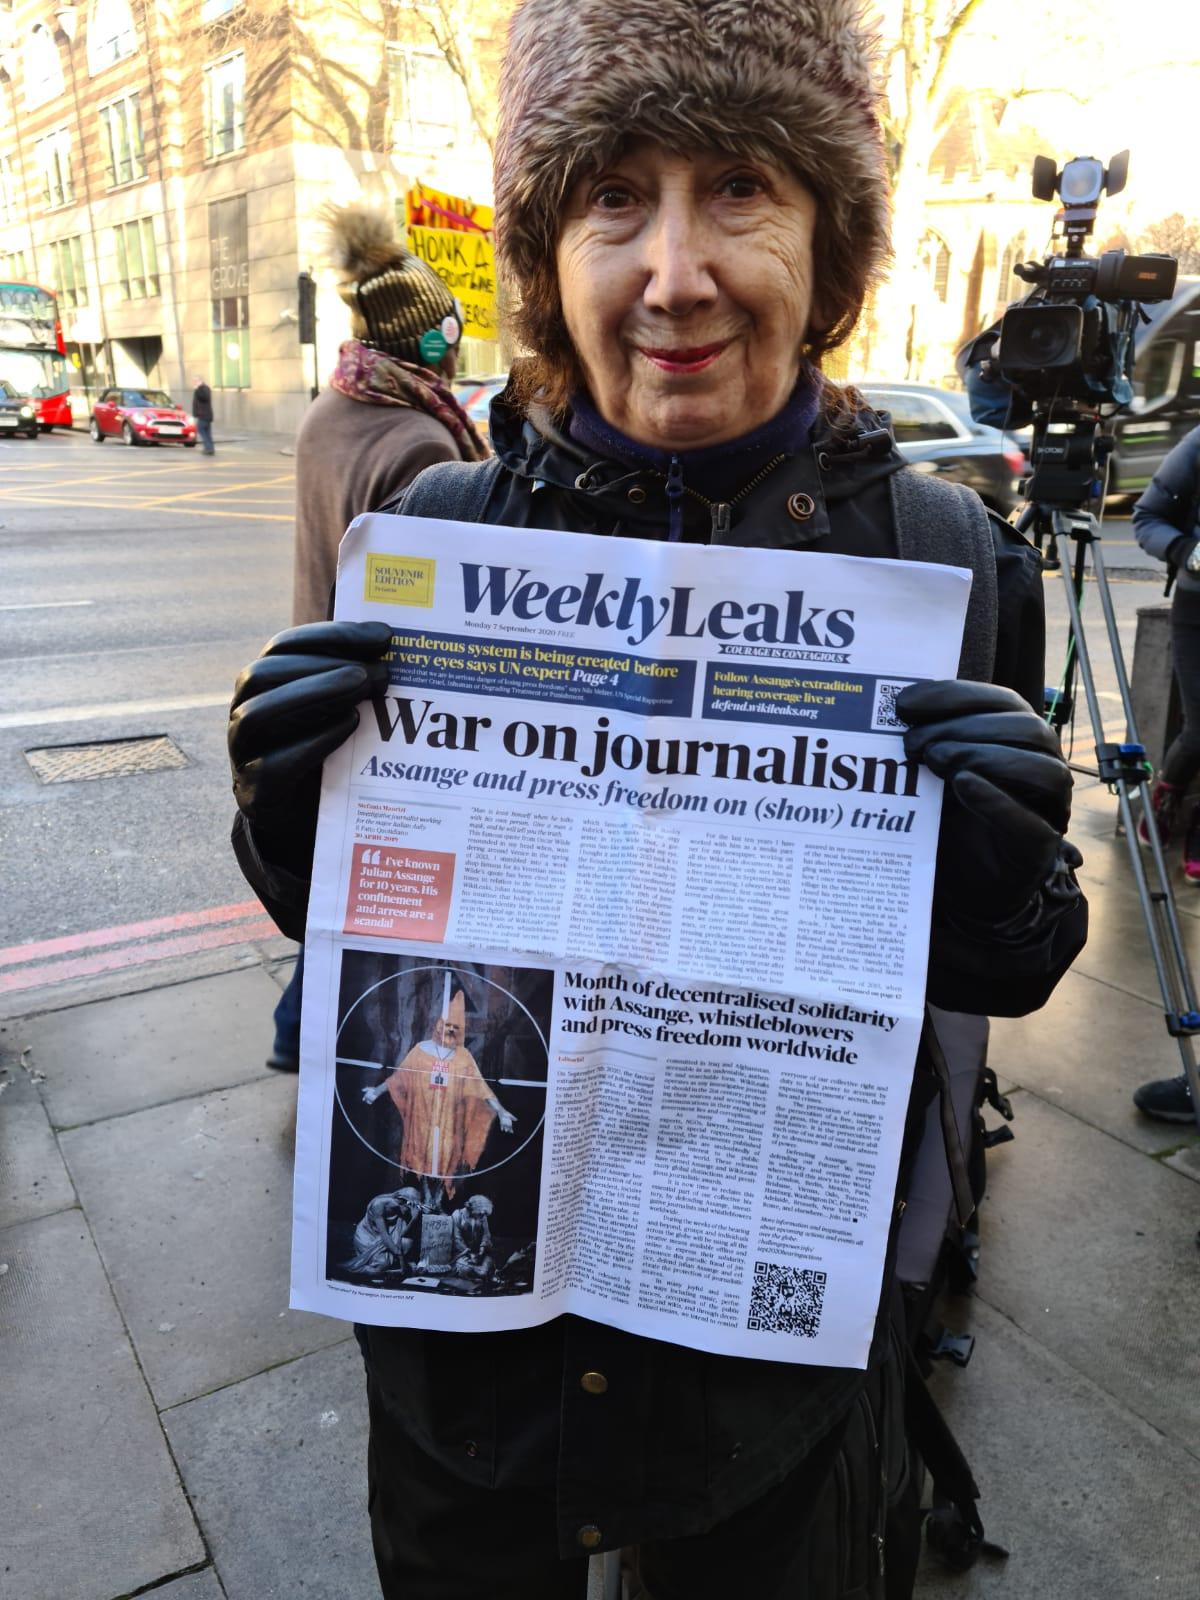 protest_photos:clarawl.jpg